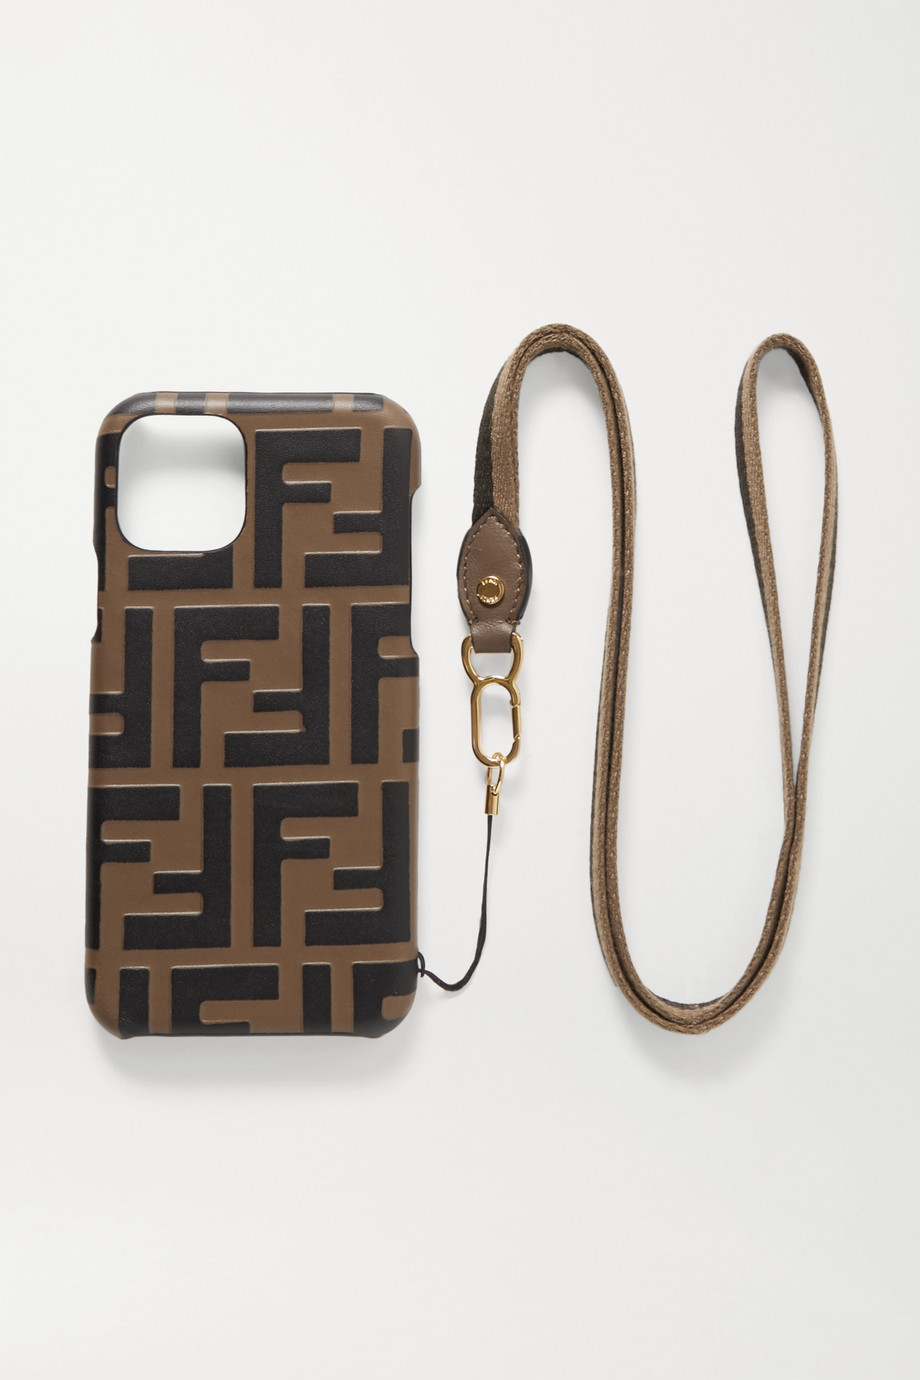 Fendi 帆布边饰压花皮革 iPhone 11 Pro 保护壳